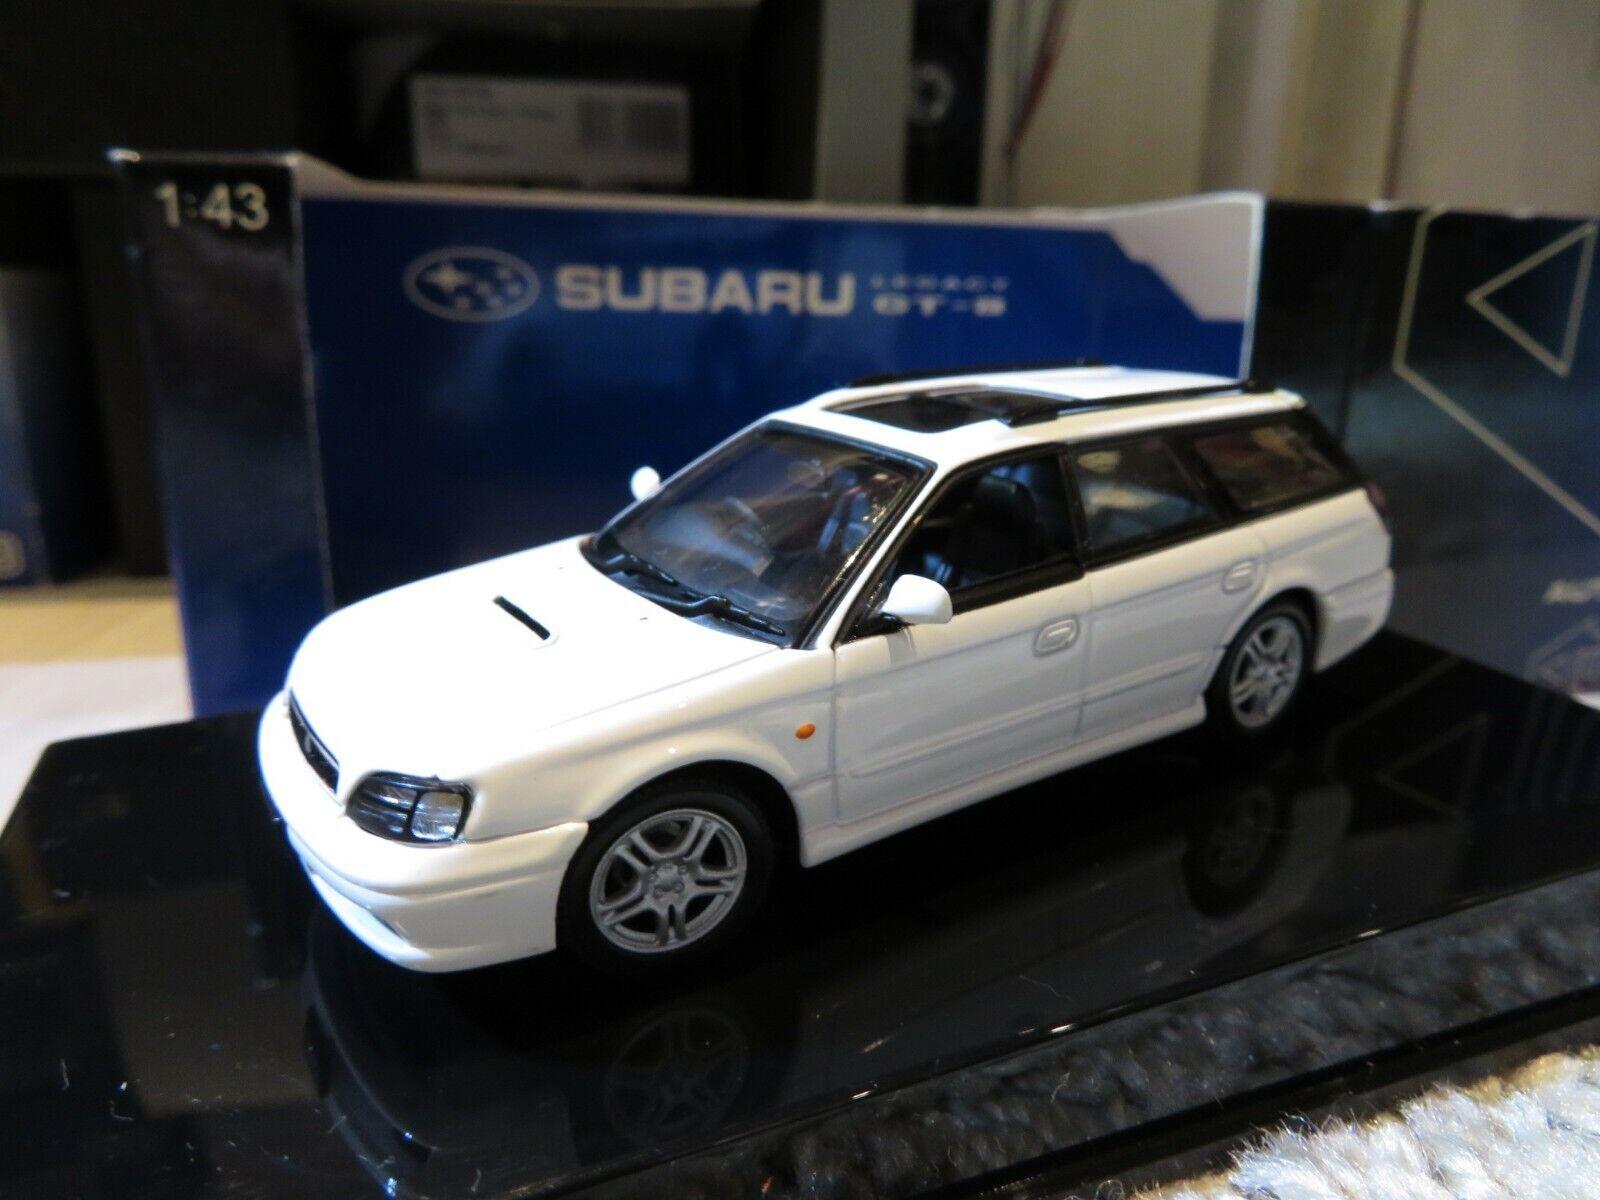 1 43 Autoart SUBARU LEGACY GTB (1999) ruedas giratorias Diecast